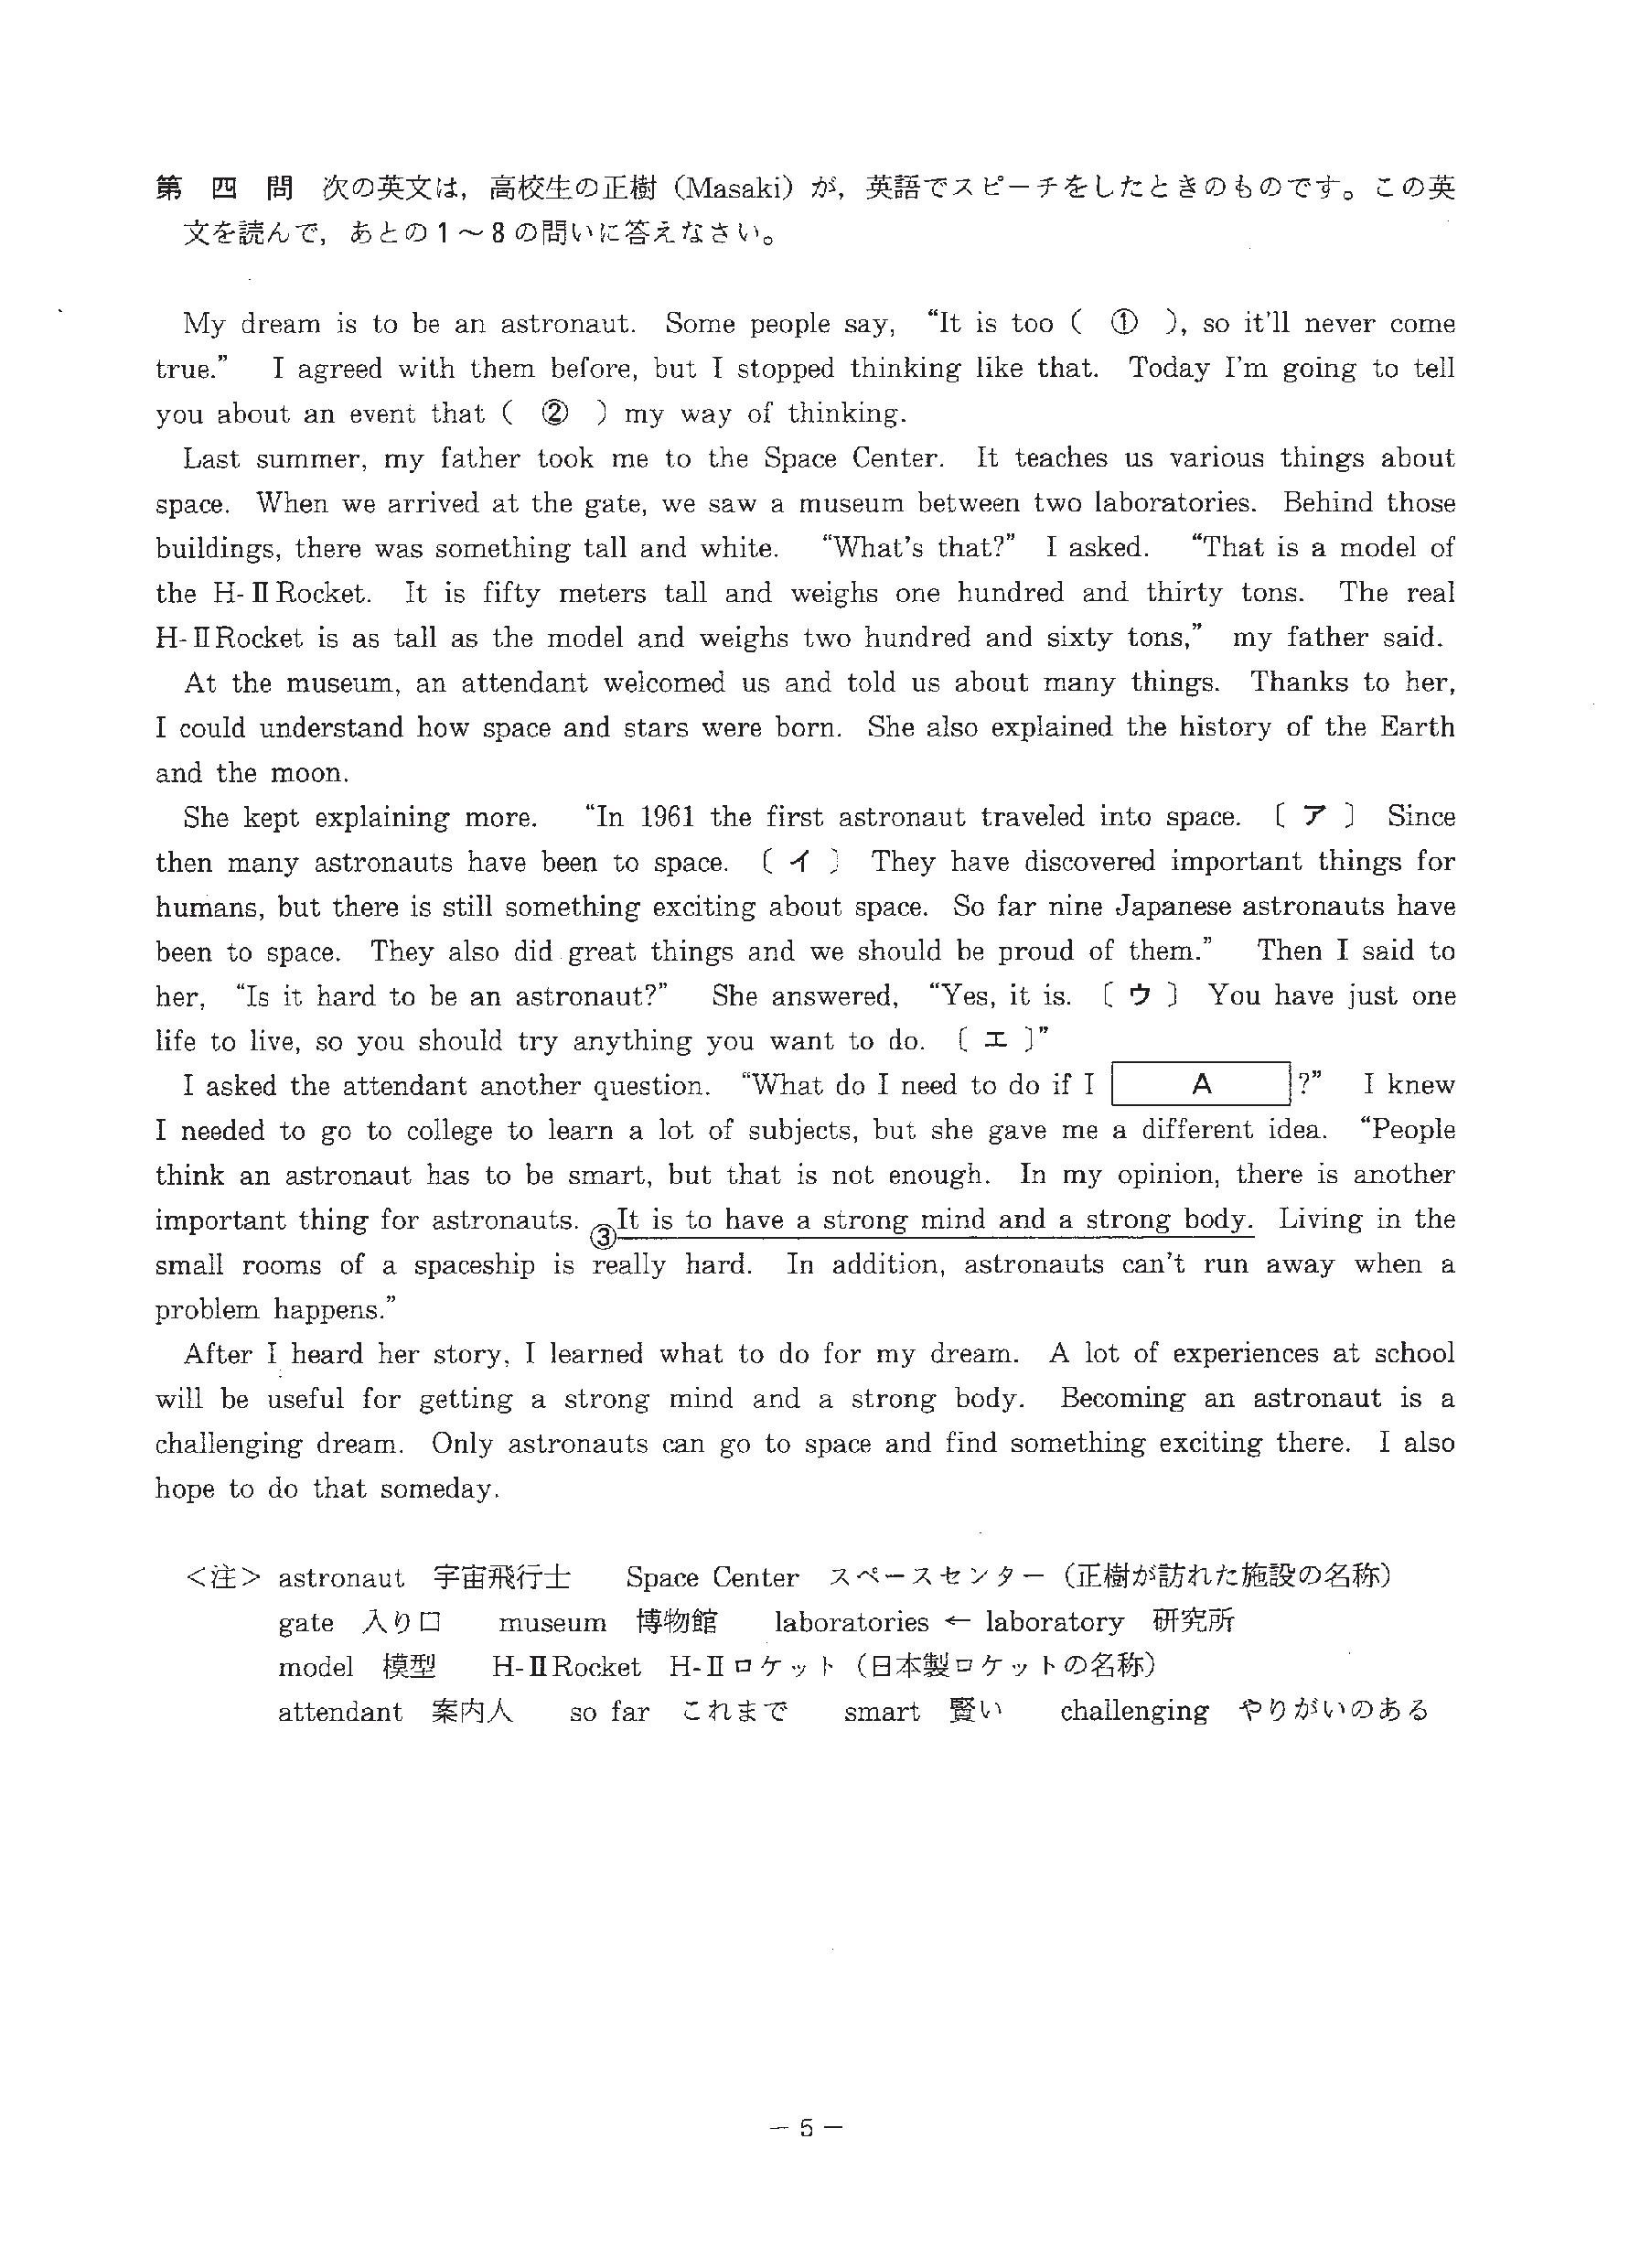 1202-p04-e5